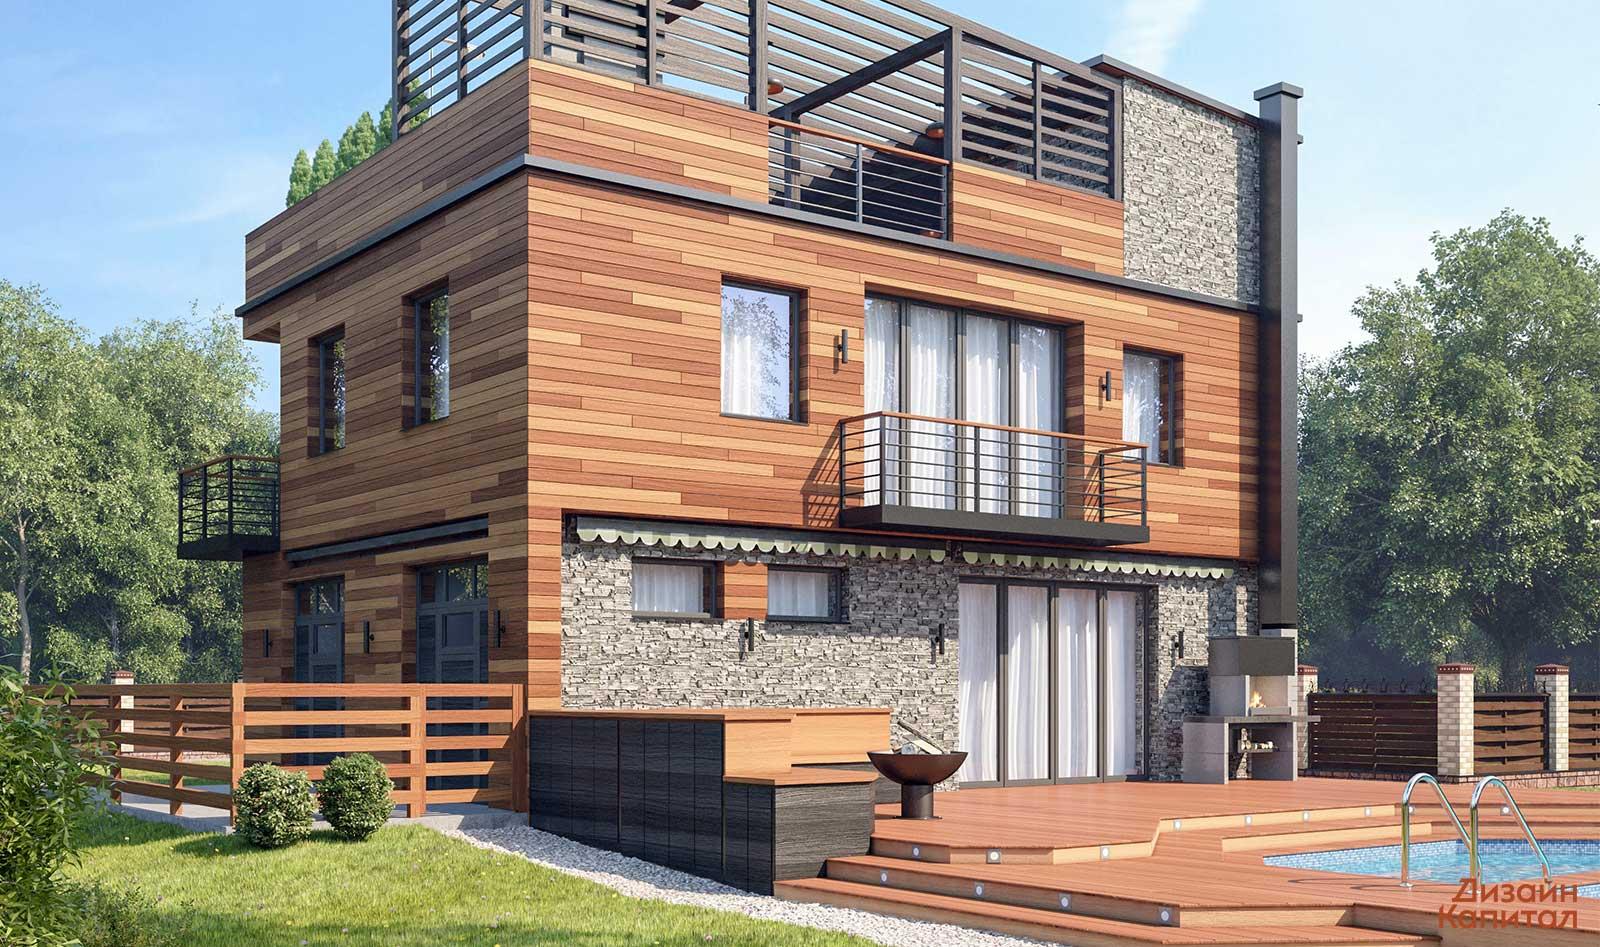 Современные фасады домов и отделочные материалы на 2019+ фото современного дома